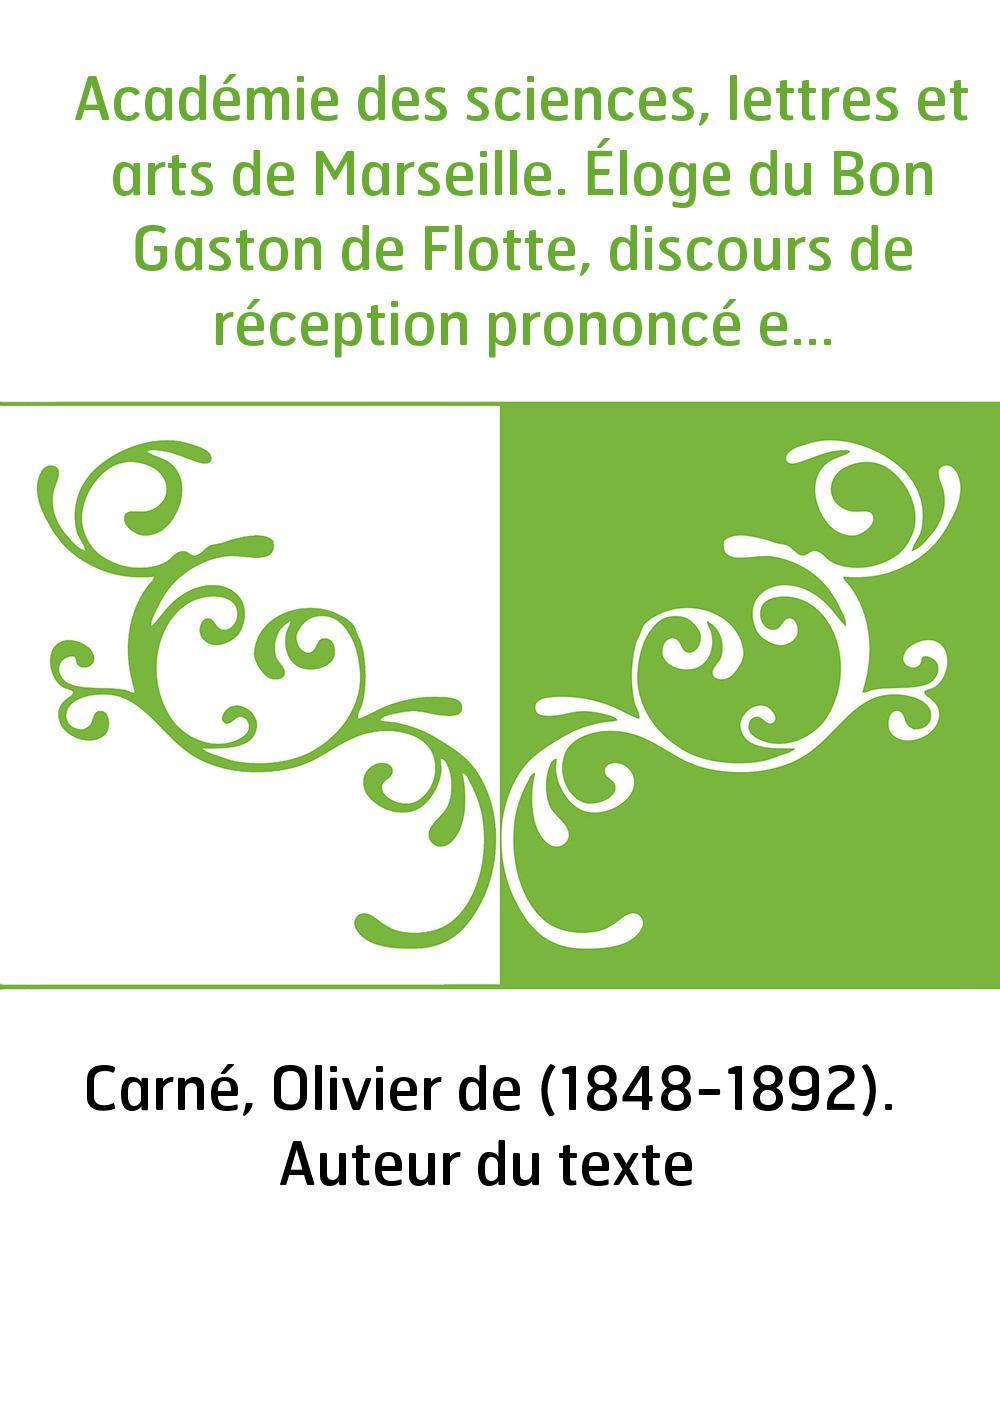 Académie des sciences, lettres et arts de Marseille. Éloge du Bon Gaston de Flotte, discours de réception prononcé en séance pub